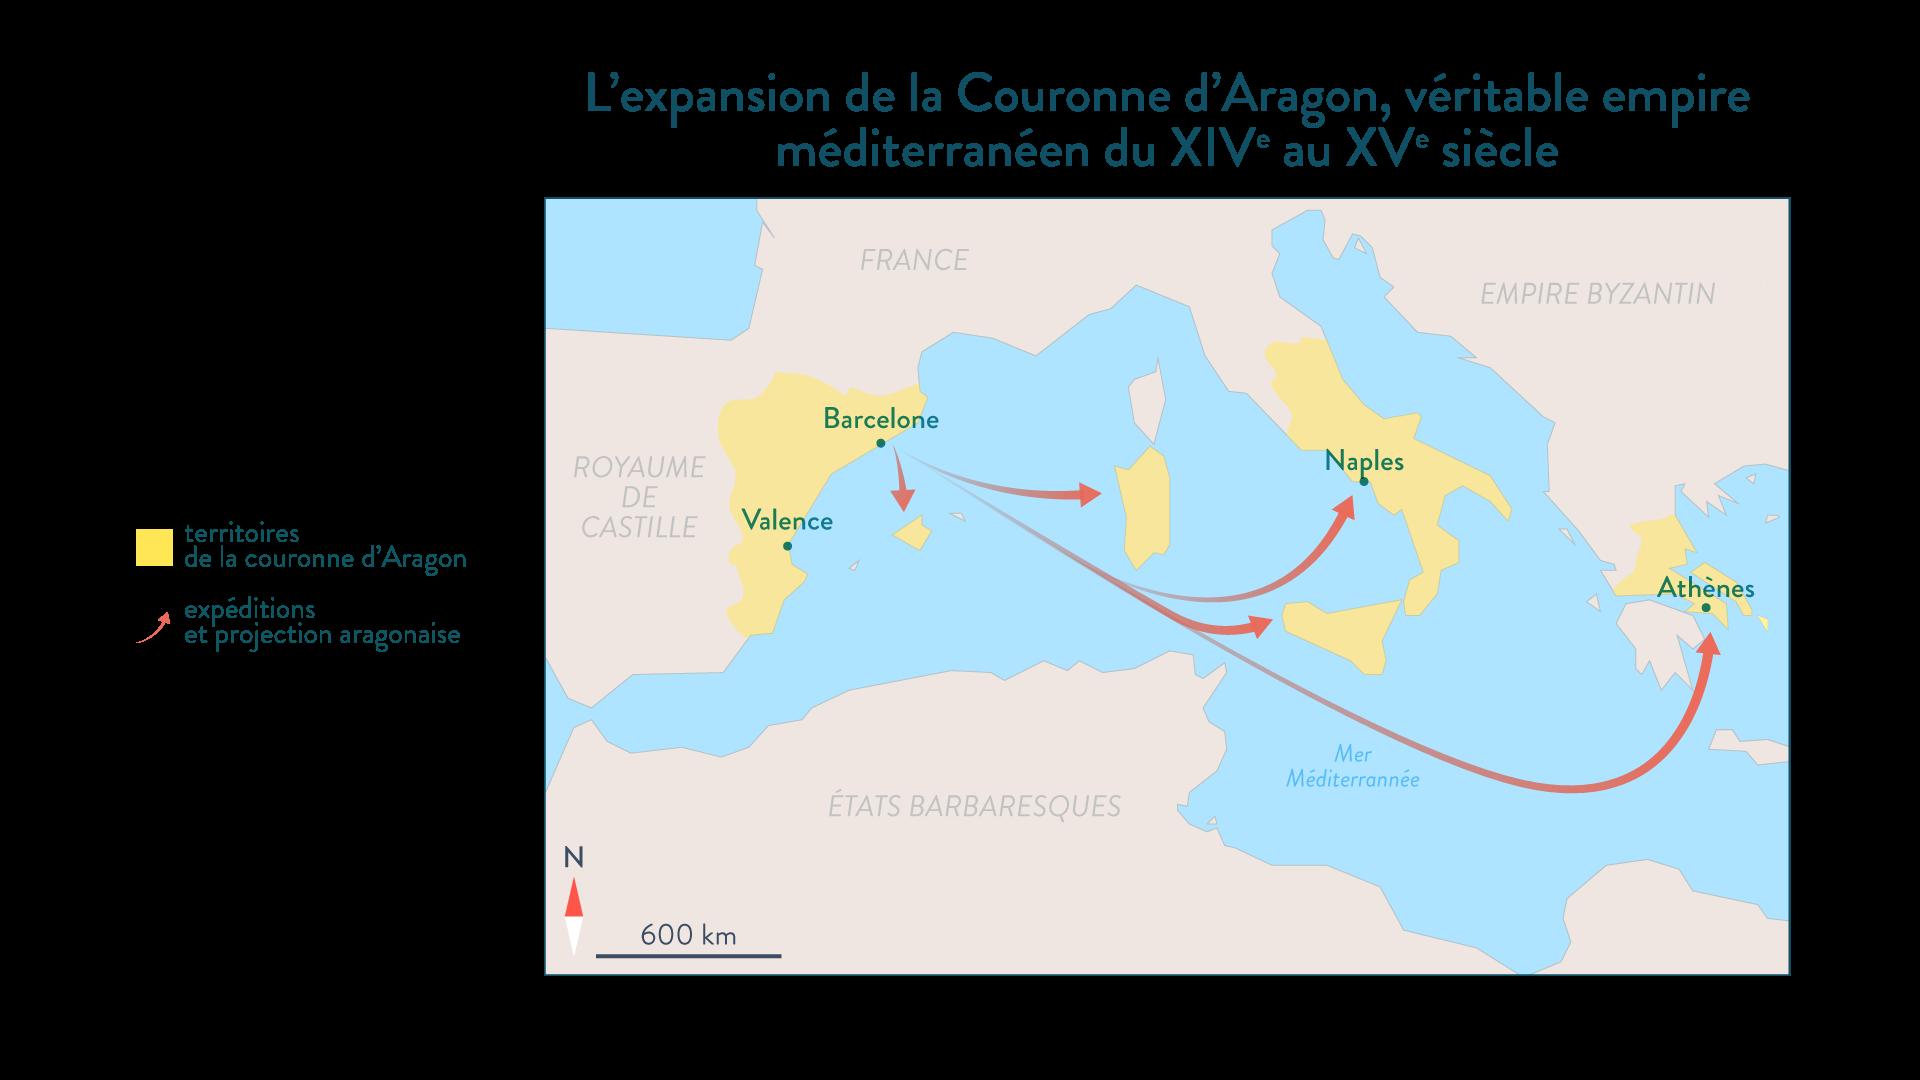 L'expansion de la Couronne d'Aragon - Histoire - 2de - SchoolMouv